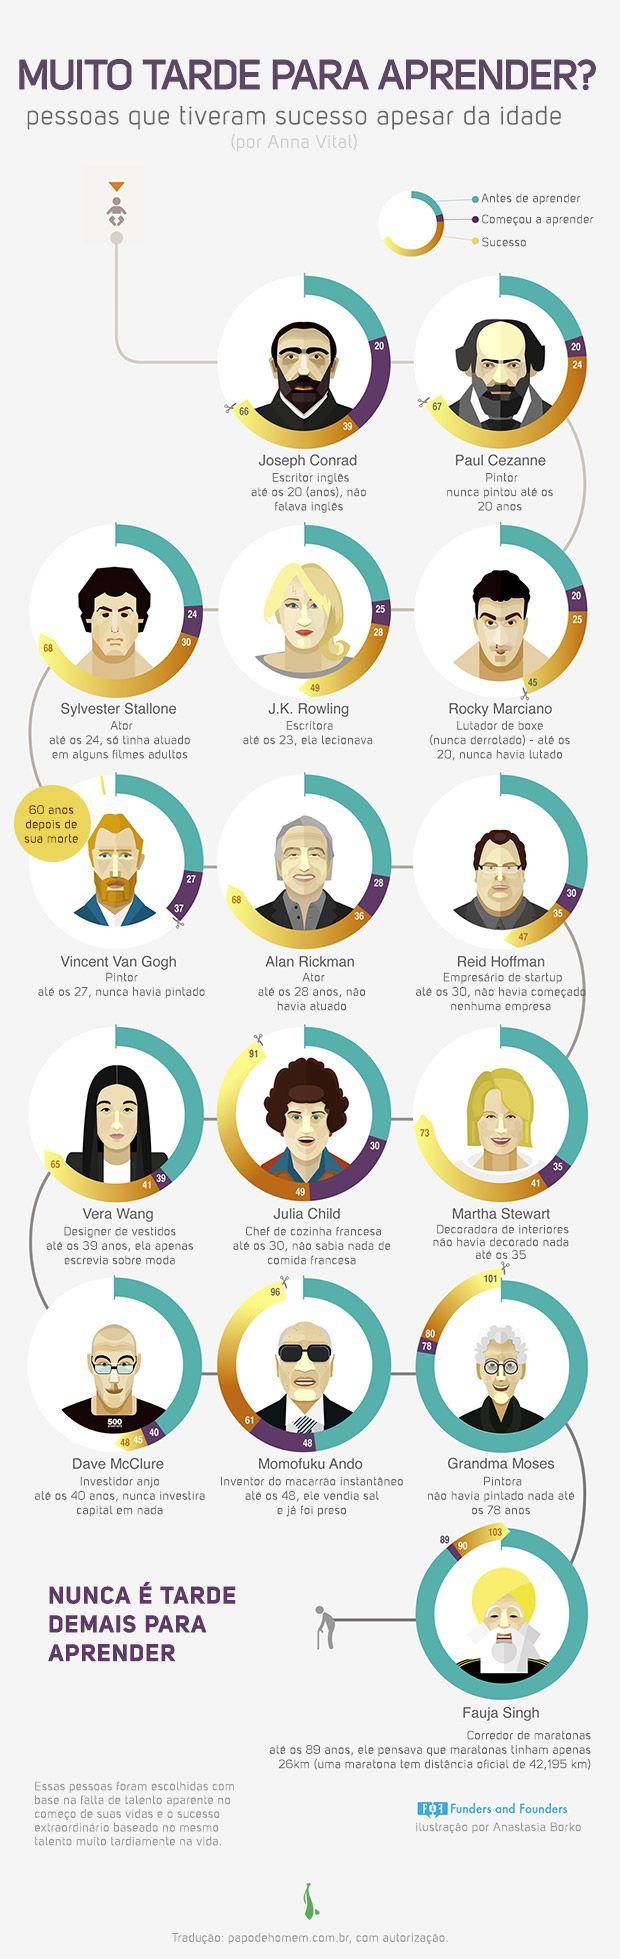 Aprender tarde e fazer, mesmo assim, sucesso. Sylvester Stallone, Van Gogh, J.K. Roling, Rocky Marciano. Um infográfico lindo mostrando a trajetória de pessoas que aprenderam tarde e conseguiram, mesmo assim, fazer dar certo.